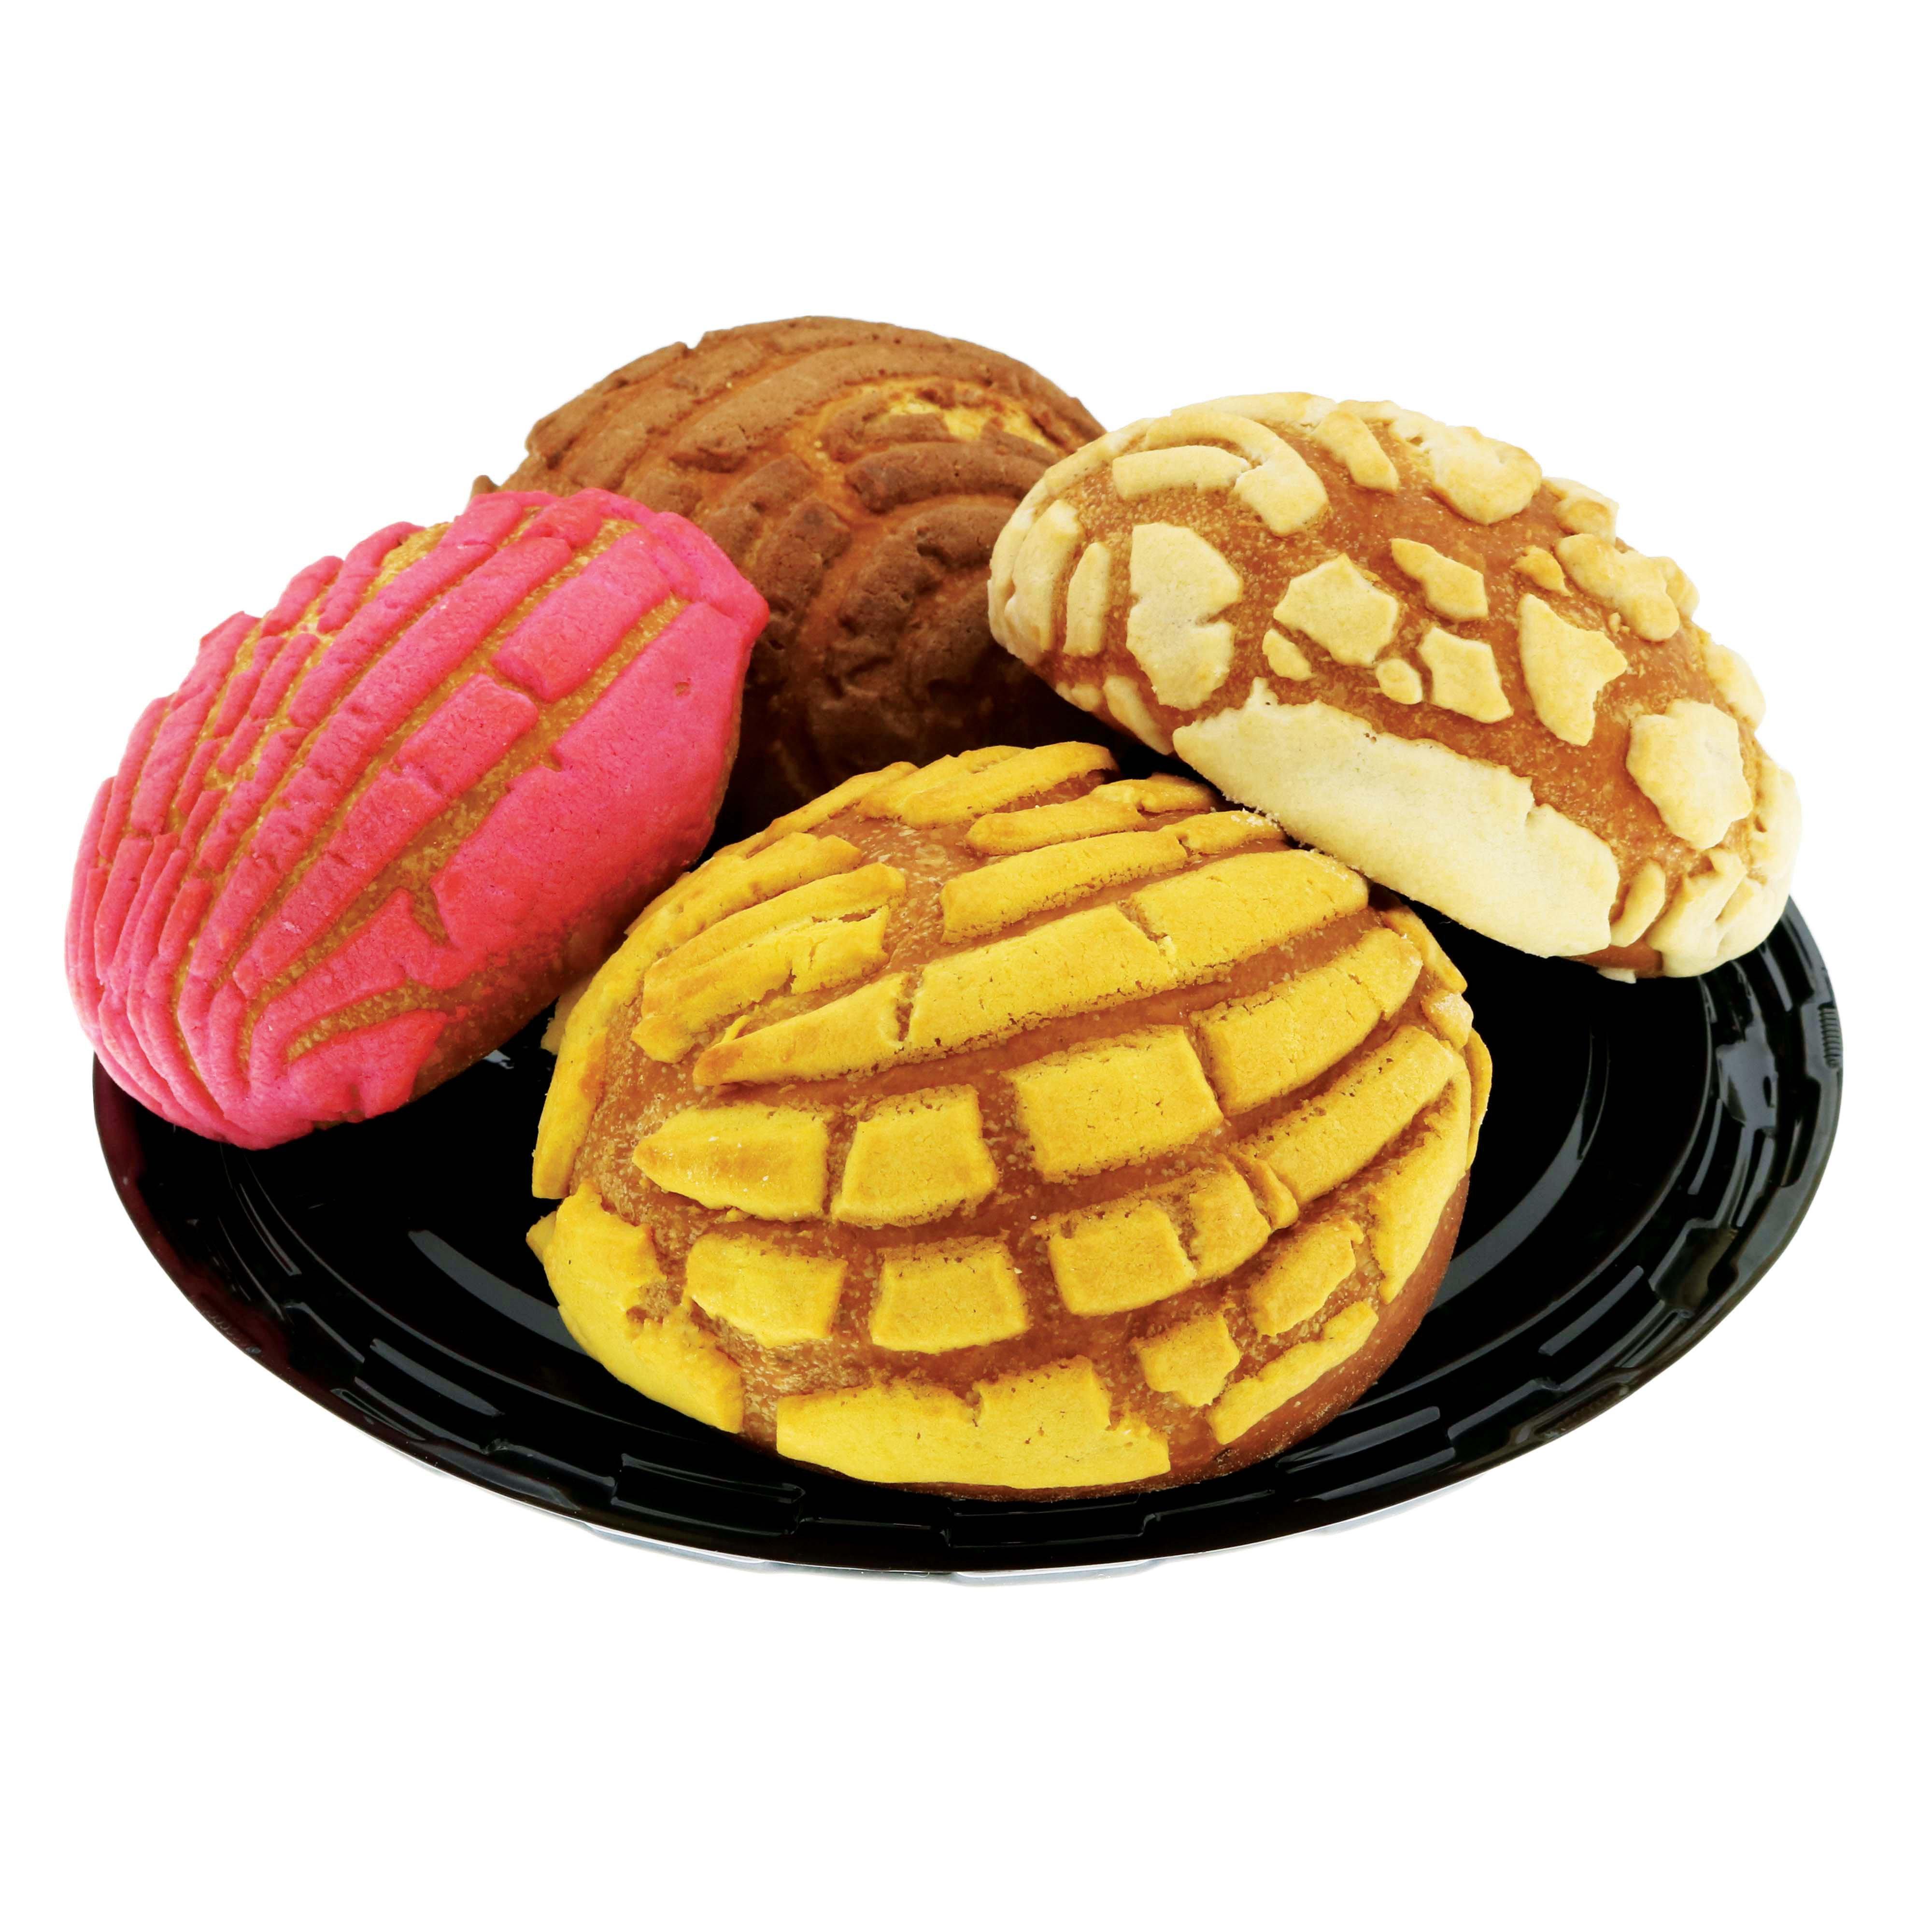 Concha Bread Pics Download